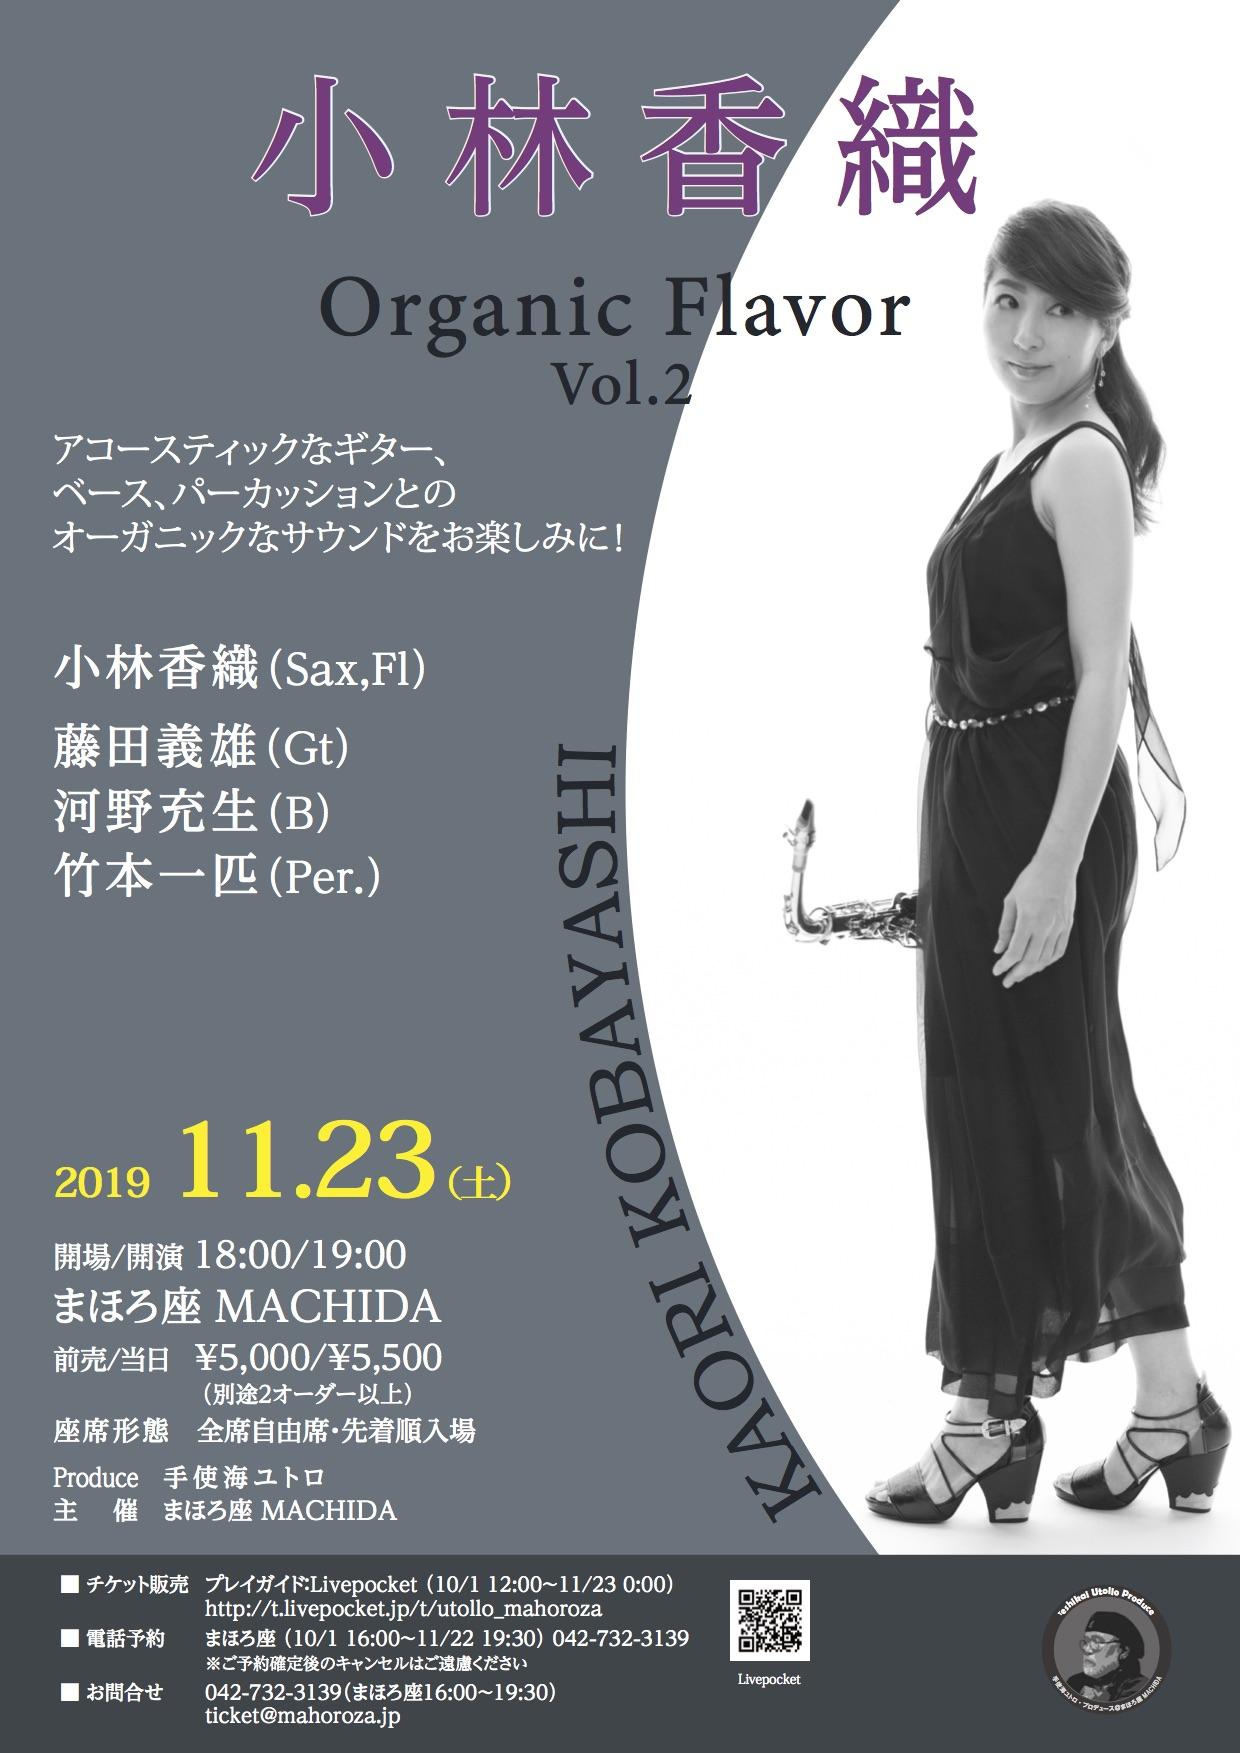 【アーカイブ 19.11.23】小林香織 / 小林香織 Organic Flavor Vol.2